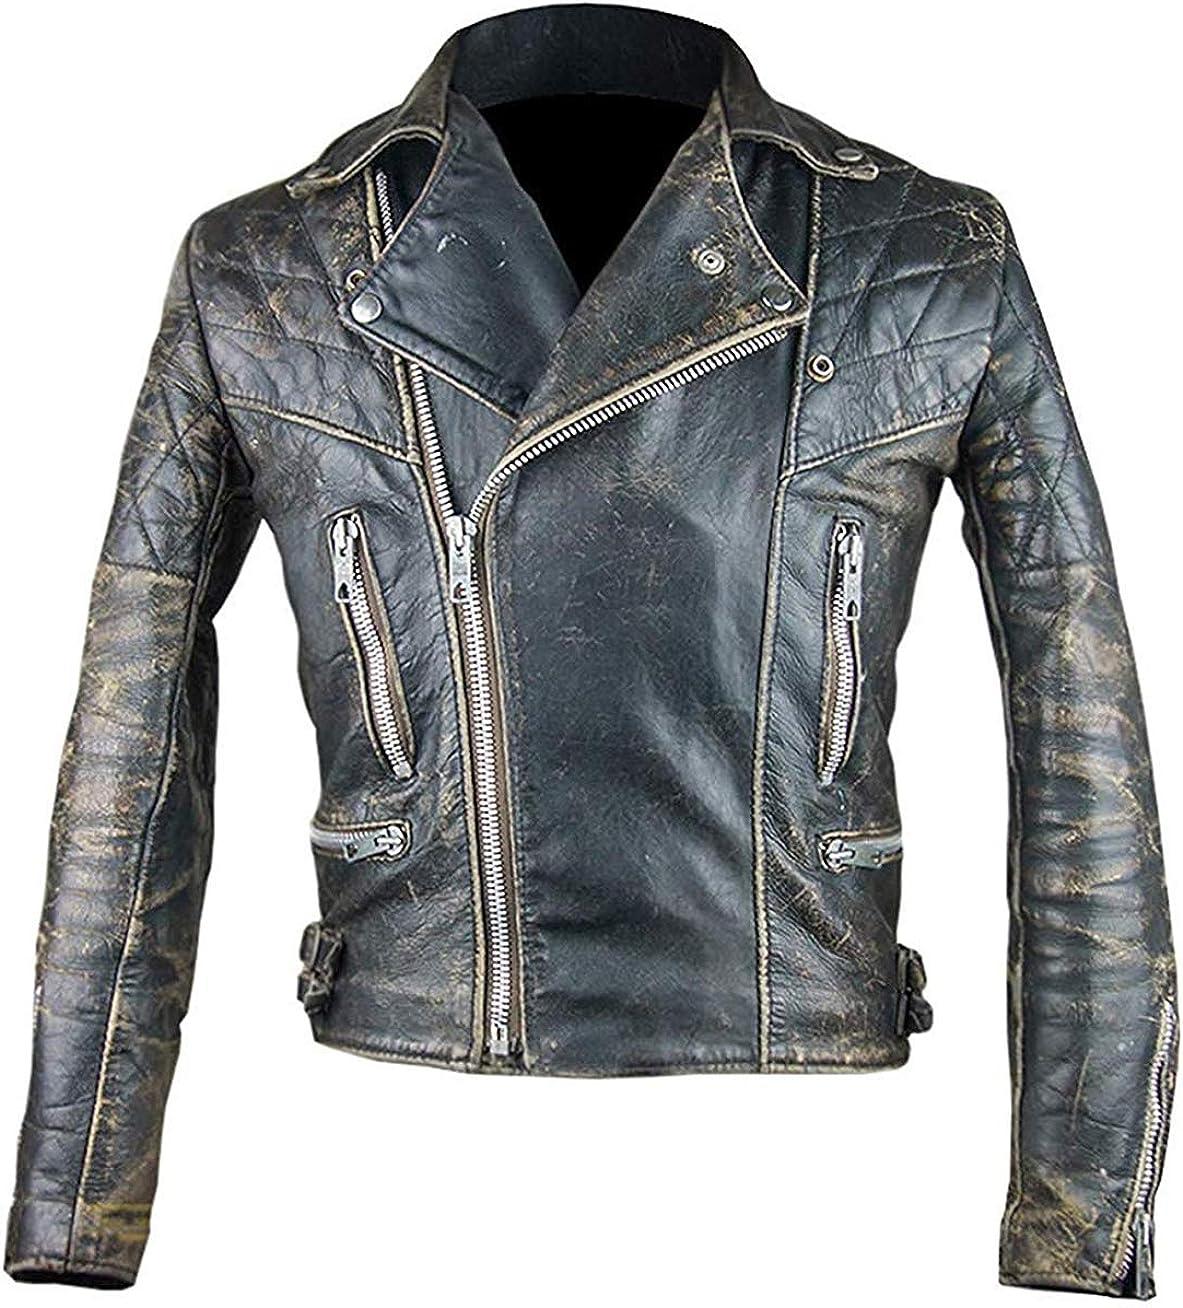 Mens Antique Leather Jacket Vintage Leather Jacket Black Motorcycle Jacket Mens